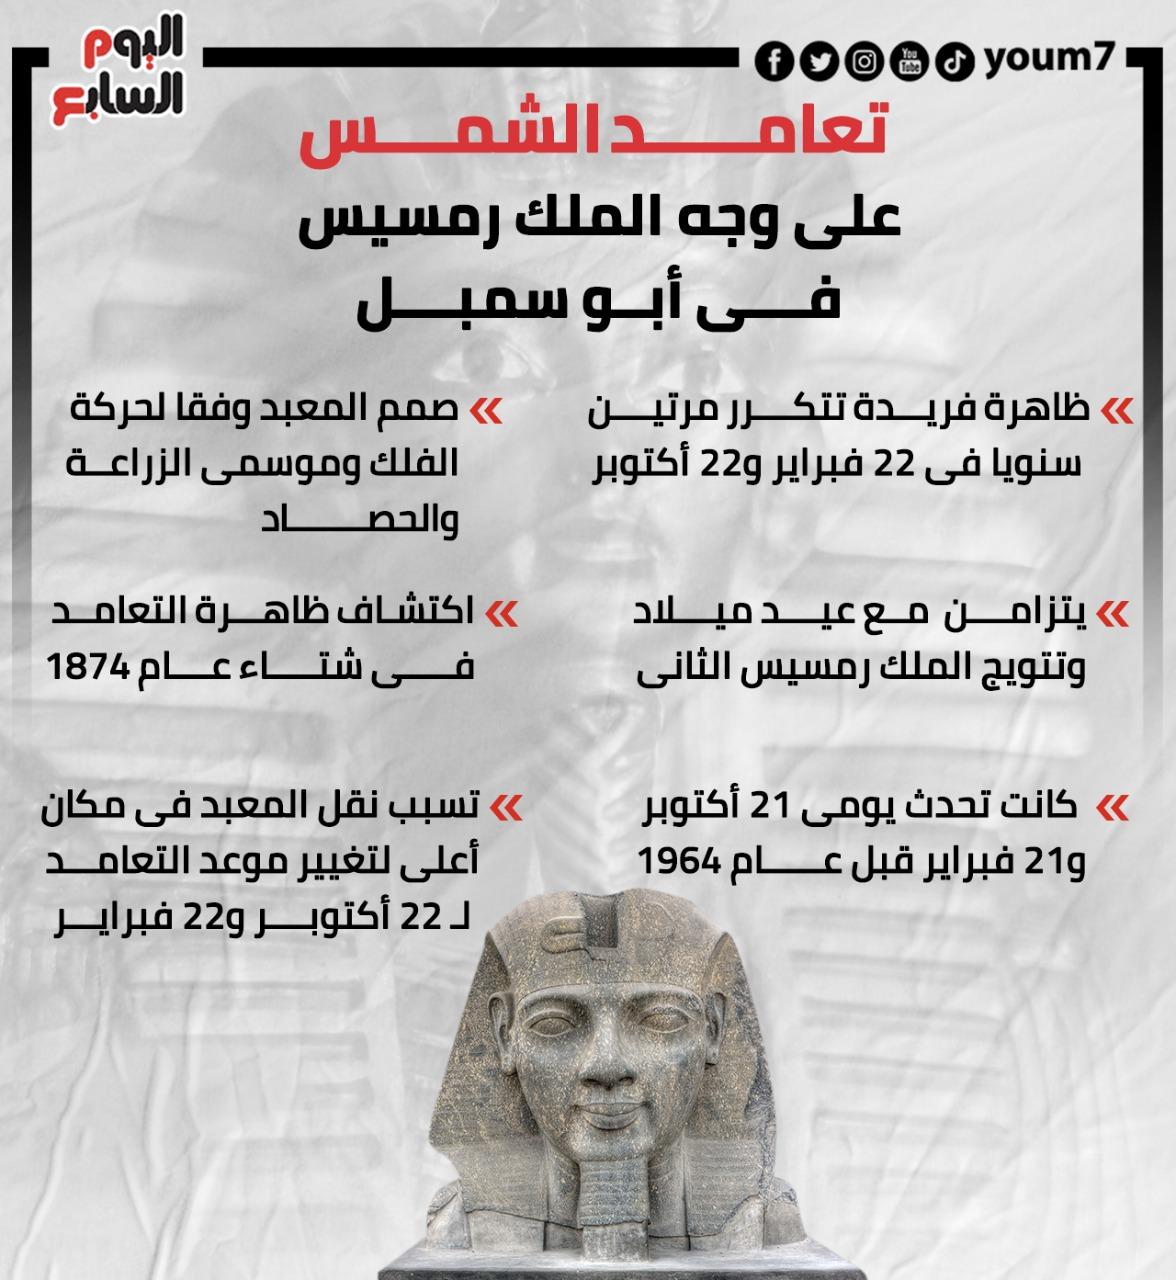 تعامد الشمس على وجه الملك رمسيس في أبوسمبل